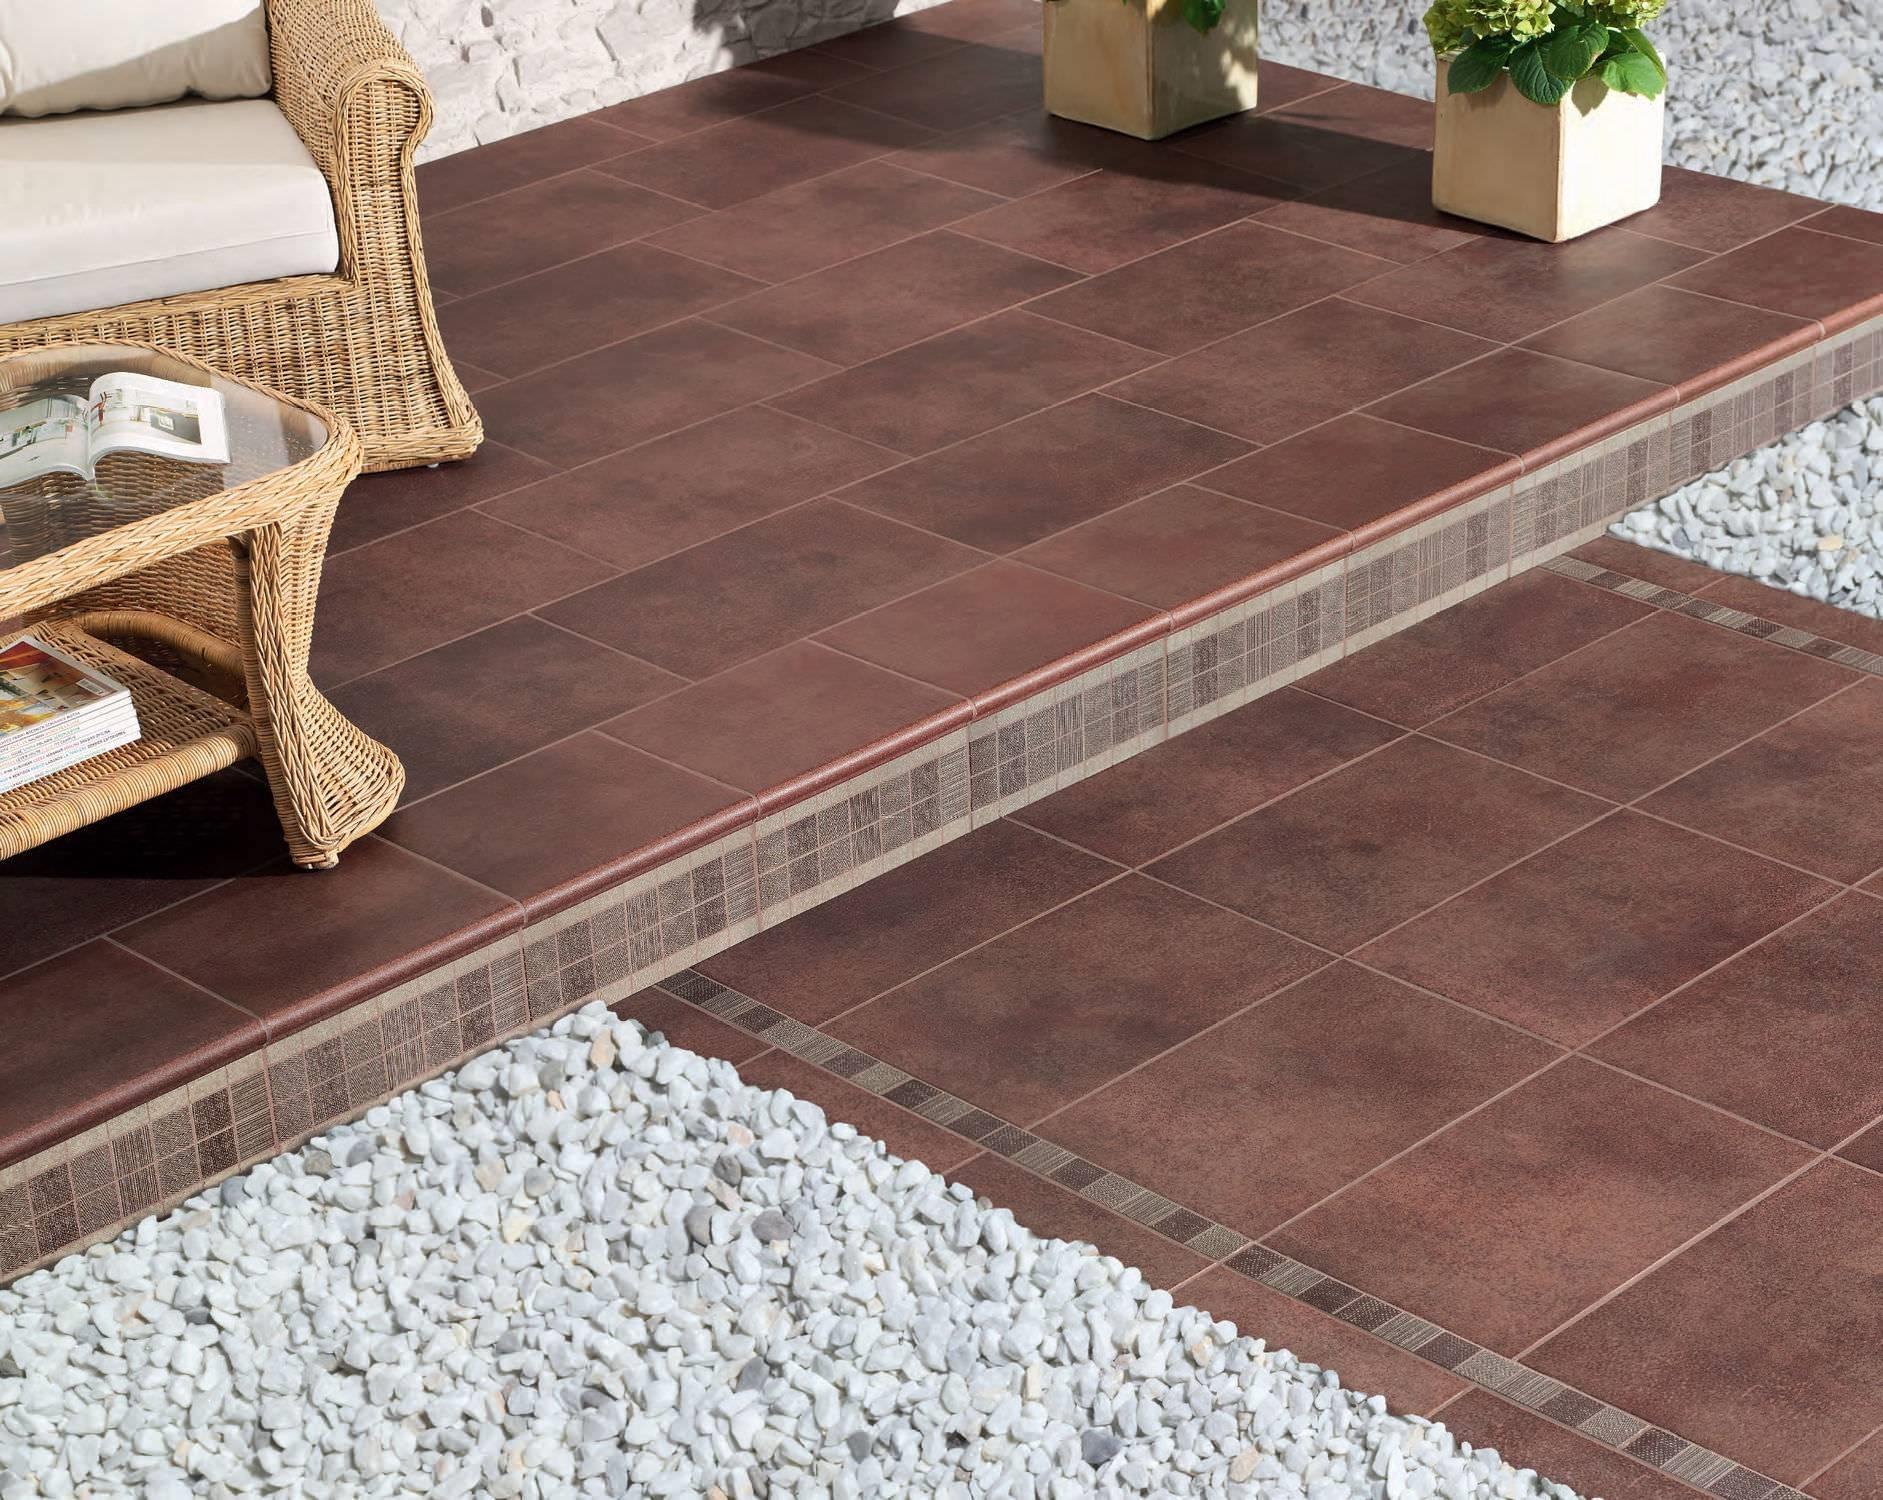 Migliore pavimentazioni da esterni pavimentazioni for Parquet migliore